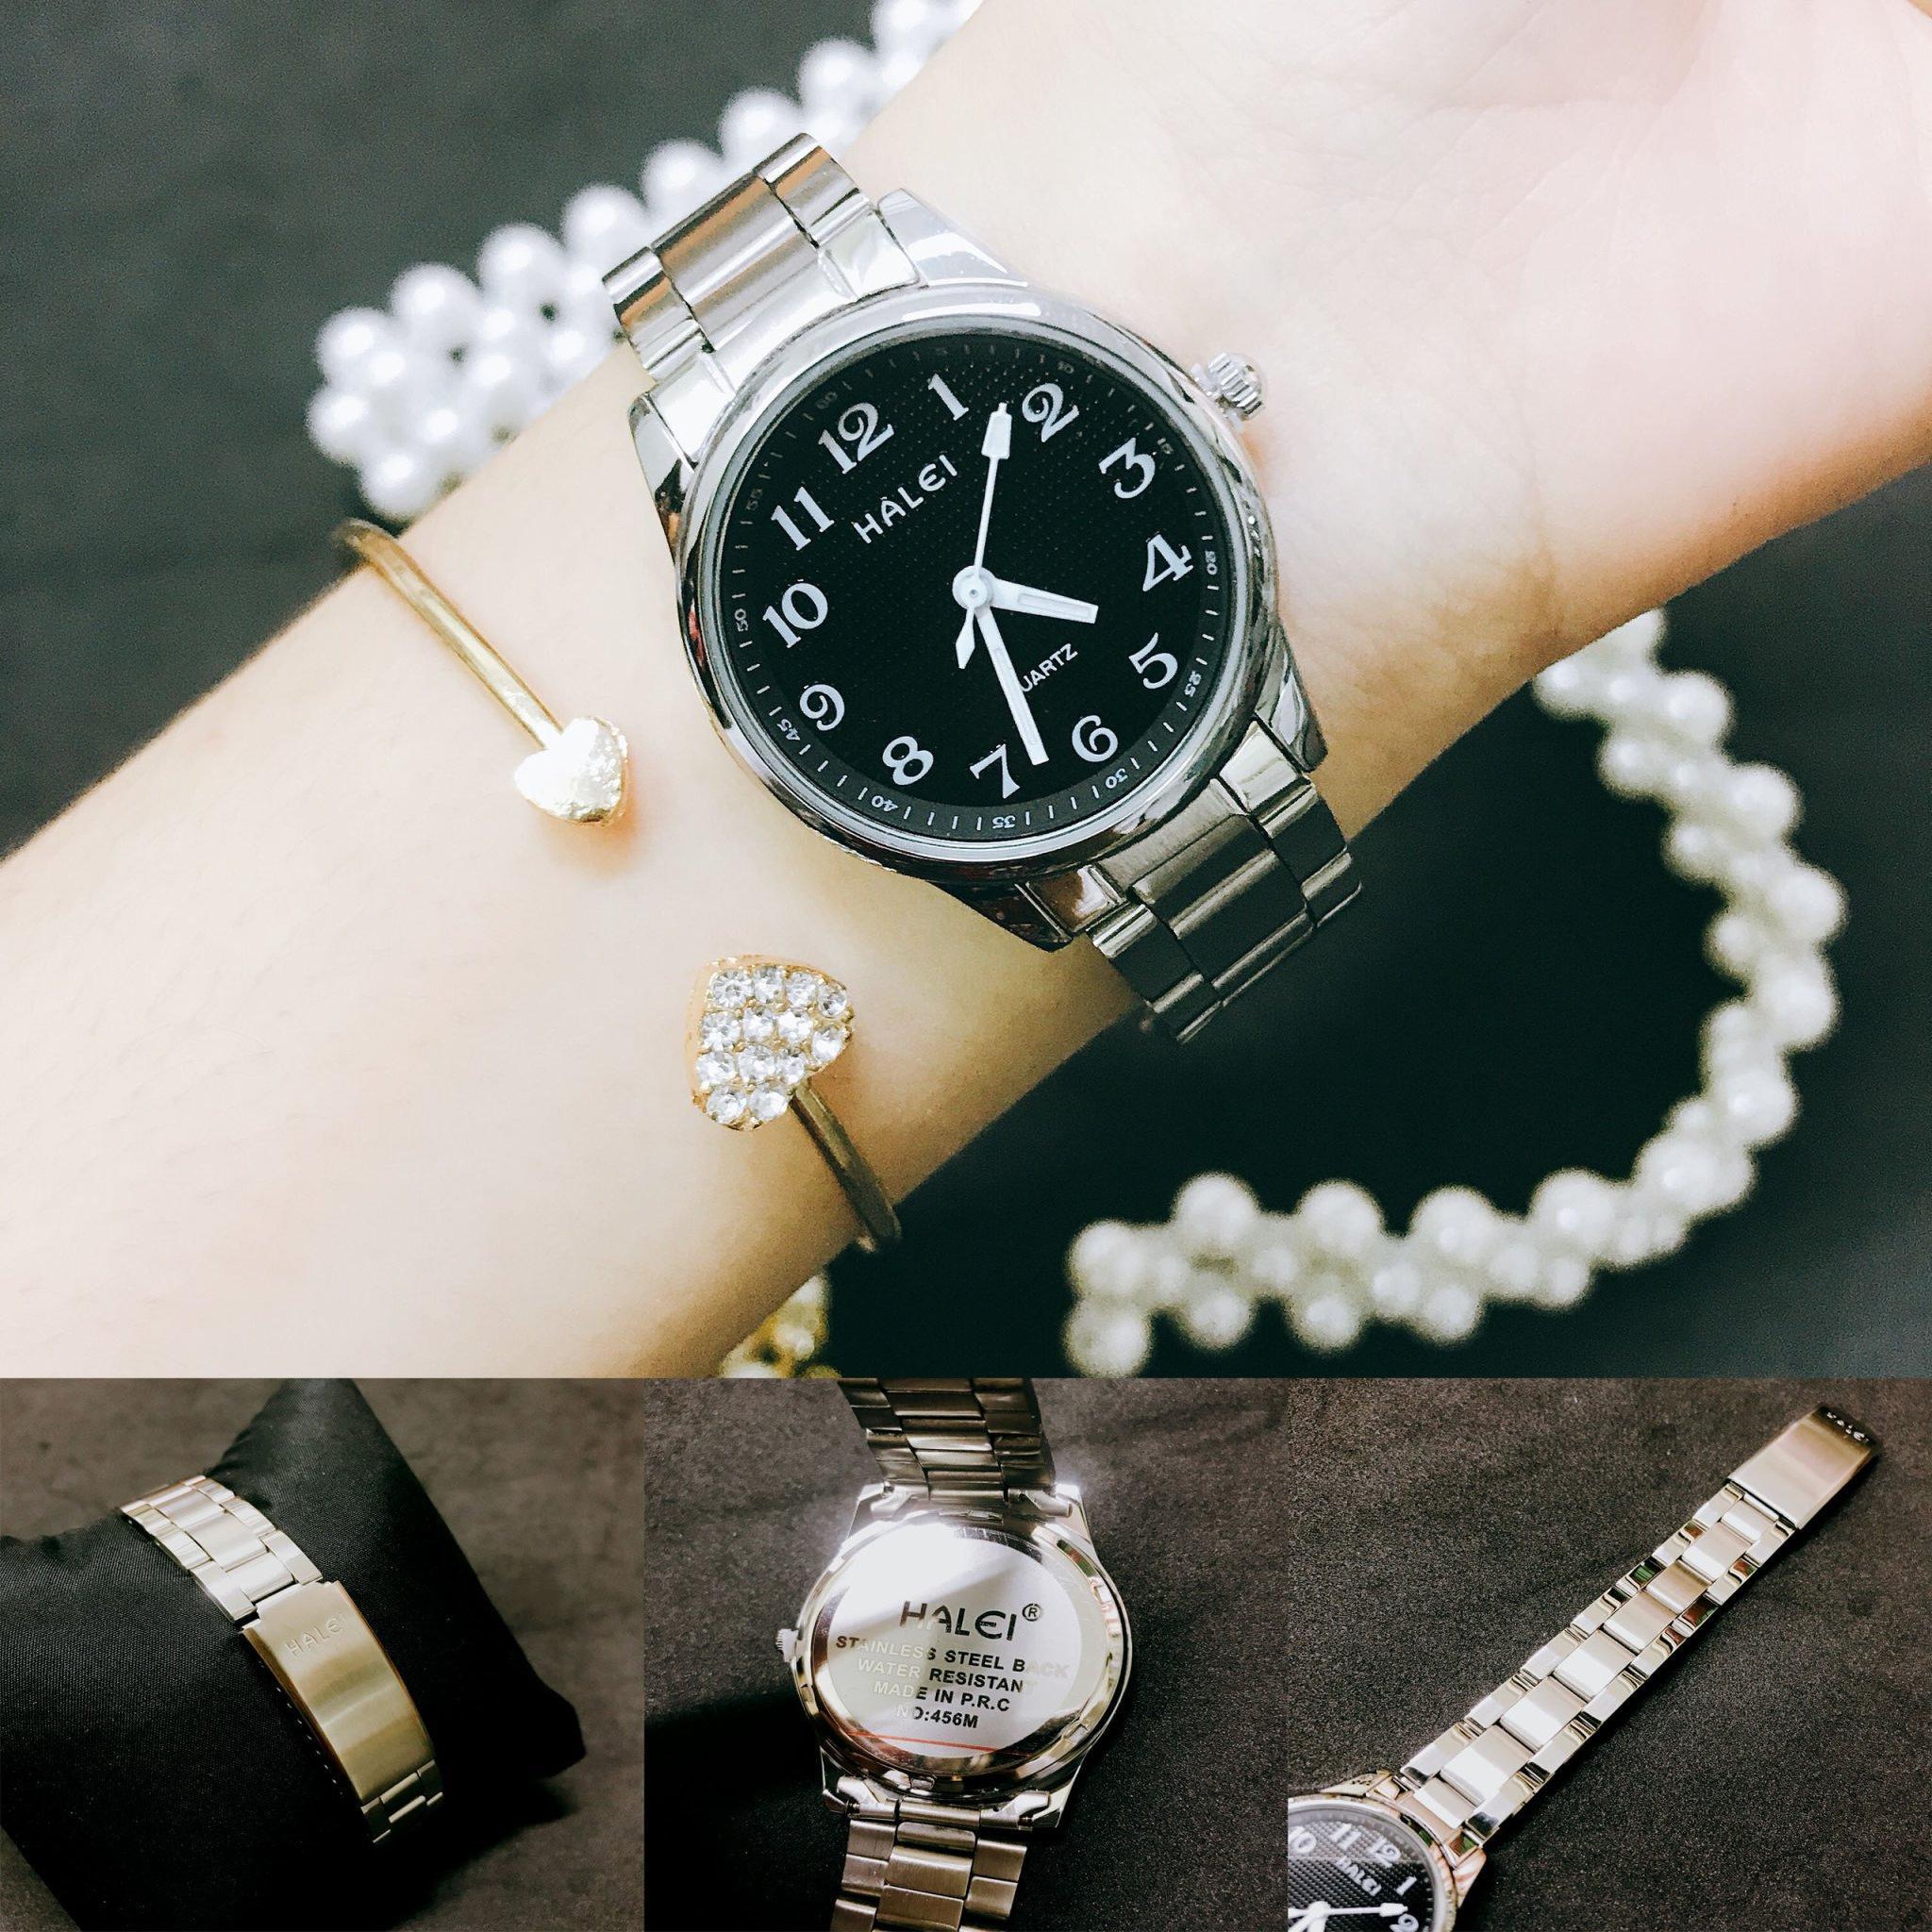 Đồng hồ nữ HALEI 456 dây thép không gỉ thời thượng ( HL465 Dây Trắng  ) - Tặng Combo TẨY DA CHẾT APPLE WHITE PELLING GEL BEAUSKIN chính hãng